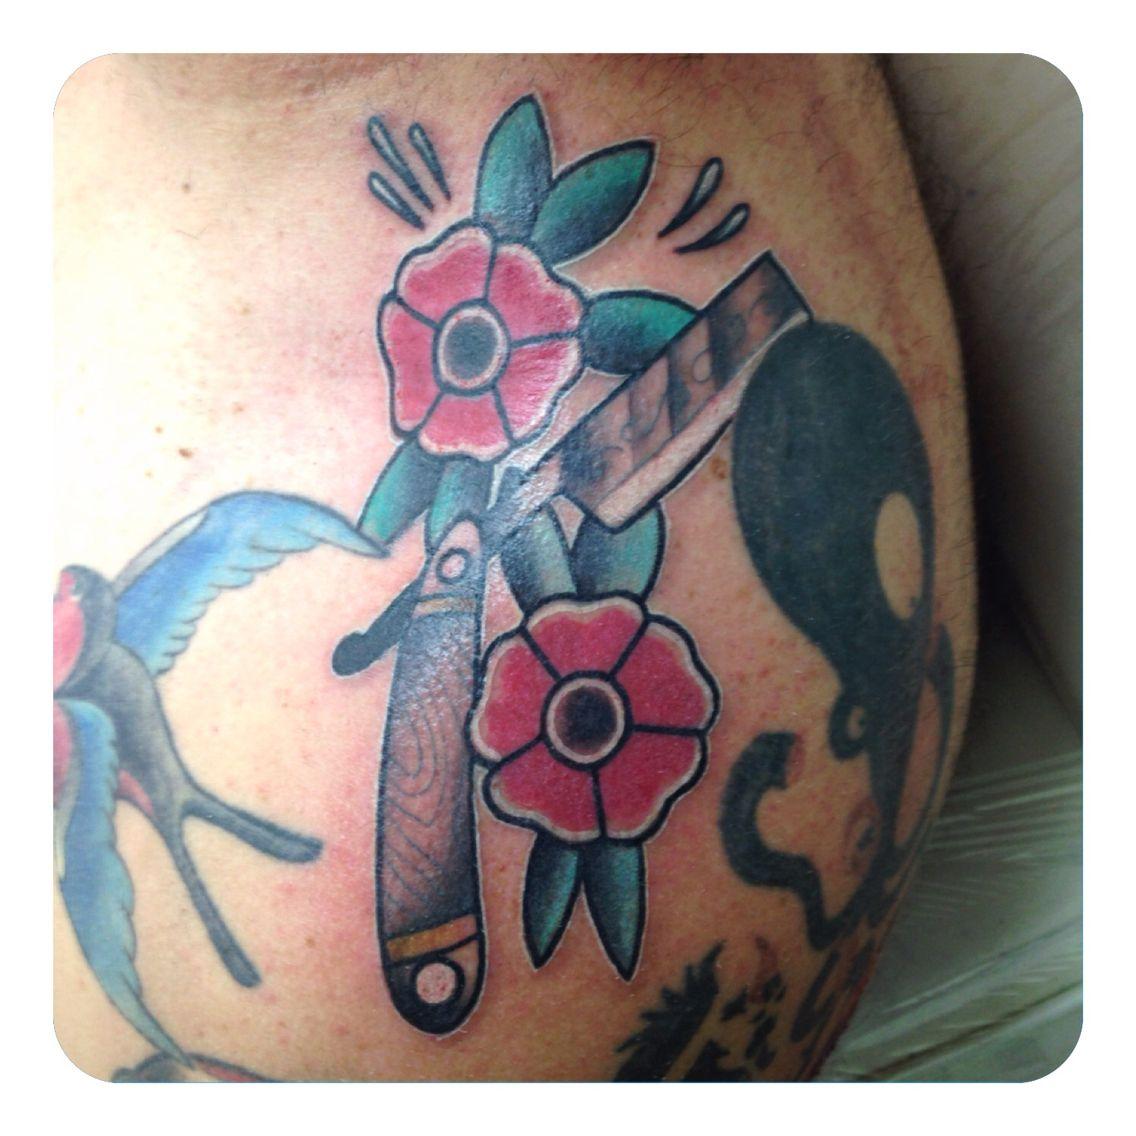 traditional cut throat razor tattoo tattoos pinterest tattoo. Black Bedroom Furniture Sets. Home Design Ideas